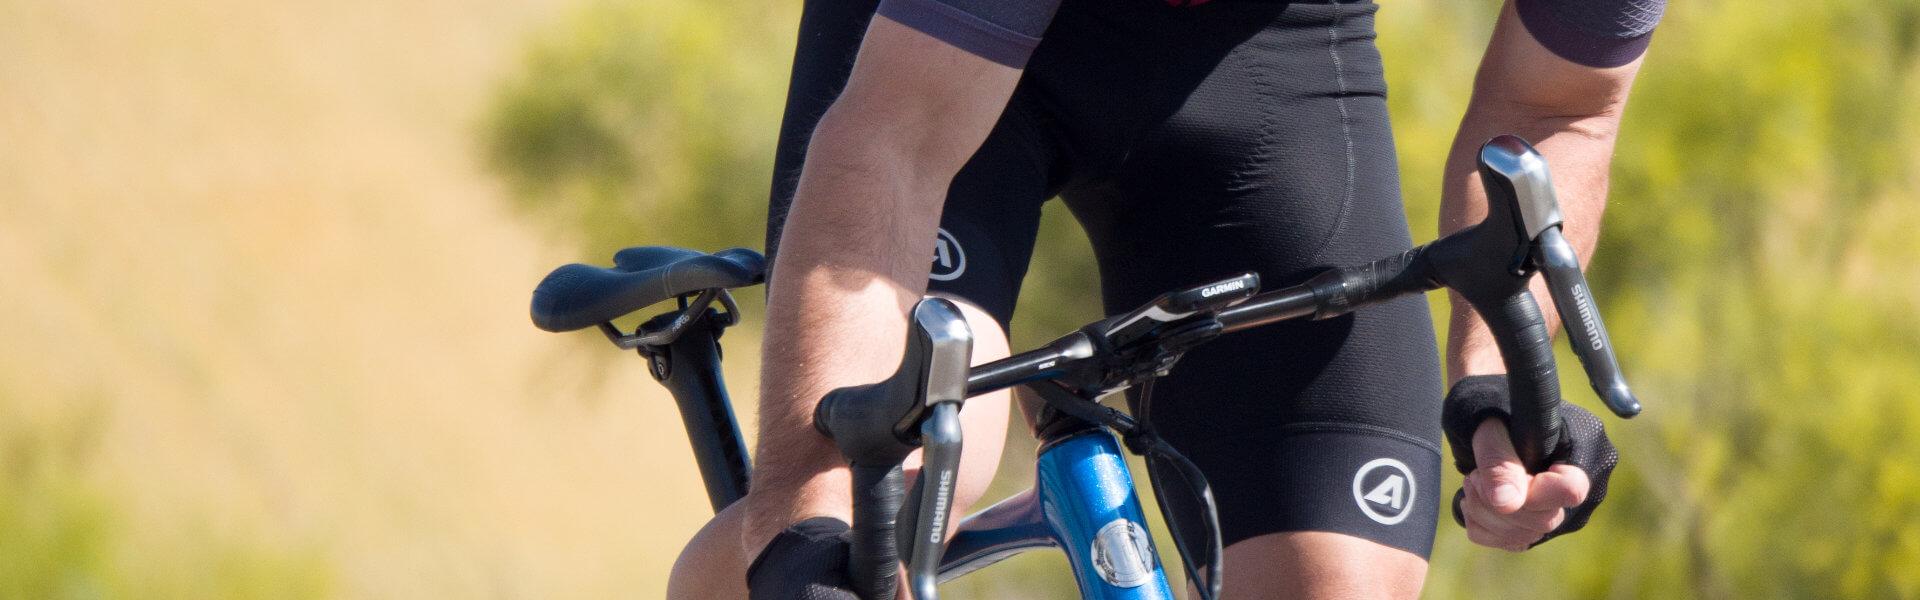 Cómo elegir un culotte de ciclismo